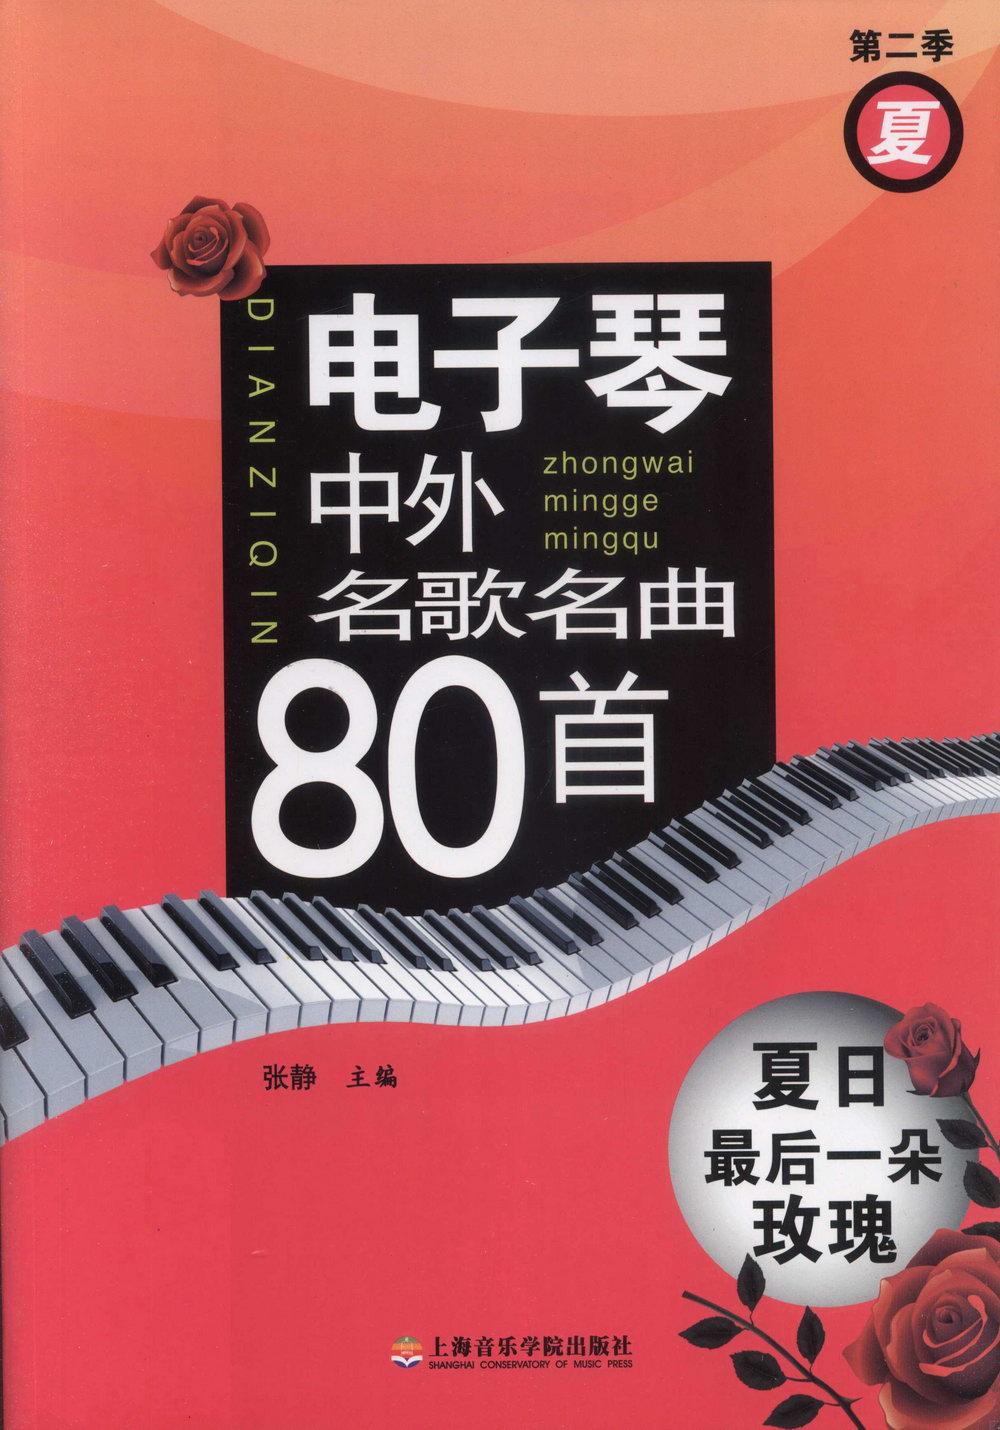 電子琴中外名歌名曲80首:夏日最後一朵玫瑰 第二季